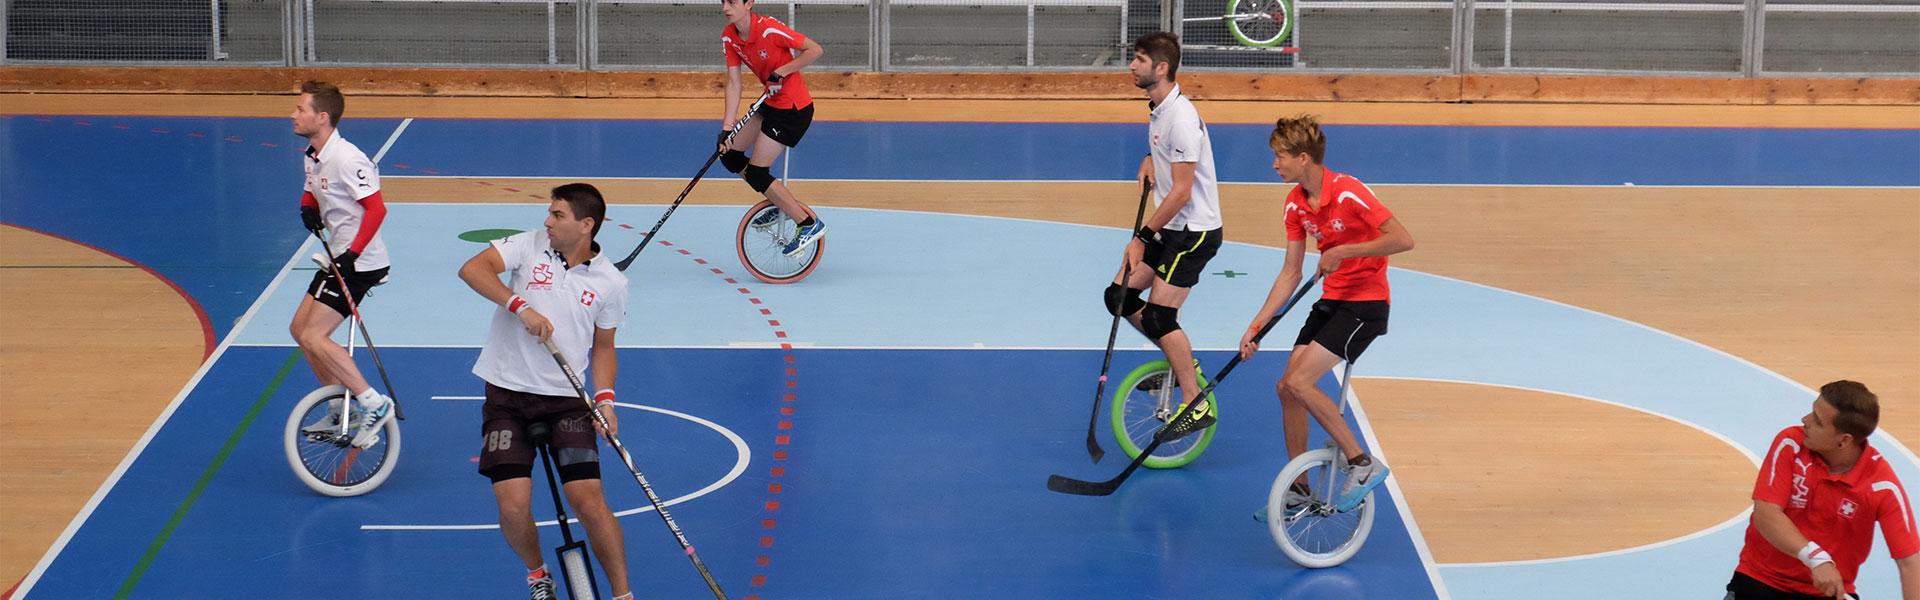 Einradhockey Nationalteam - Swiss Indoor- & Unicycling